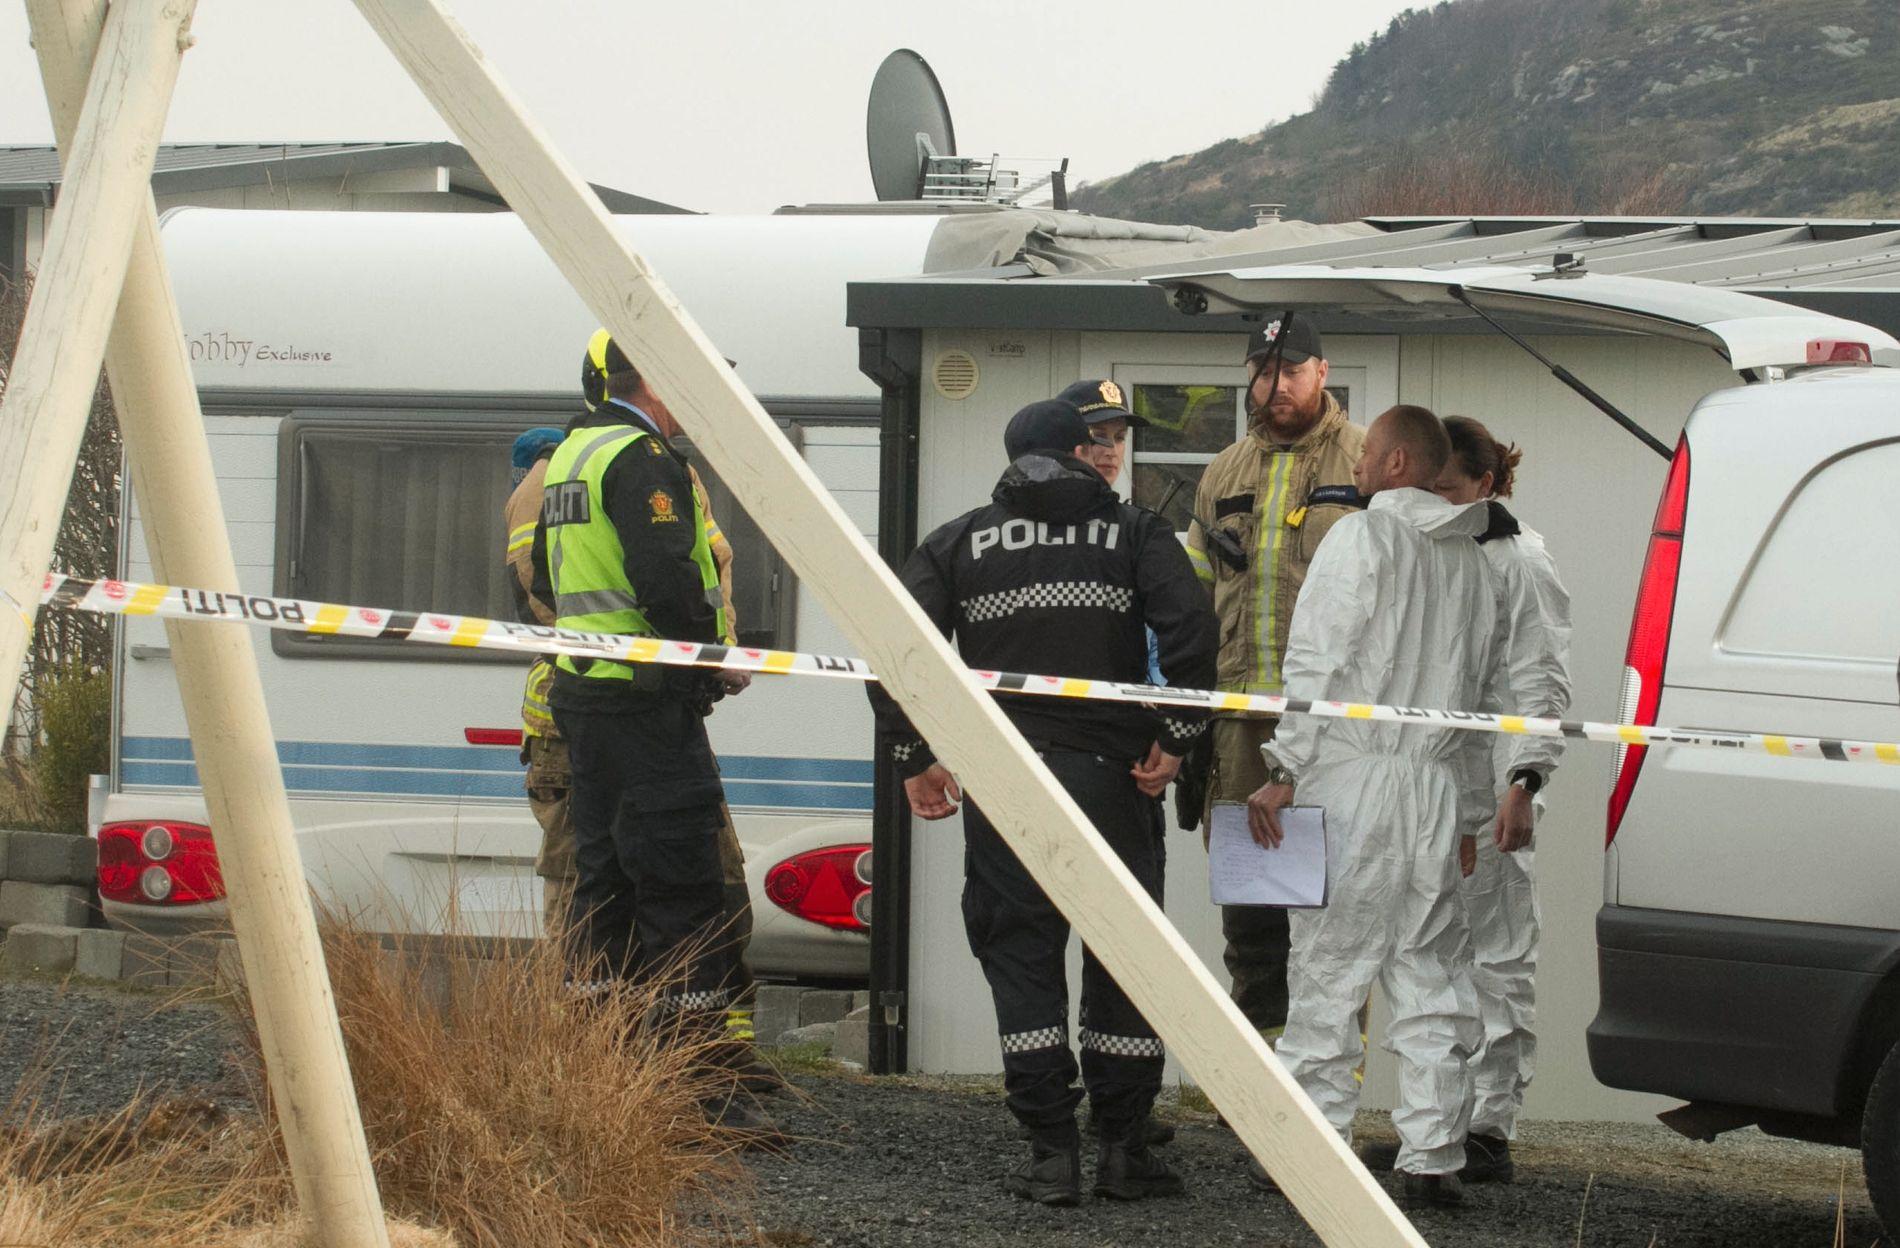 Campingvognen var overtent da nødetatene kom til stedet. Tre personer er bekreftet omkommet etter brannen.